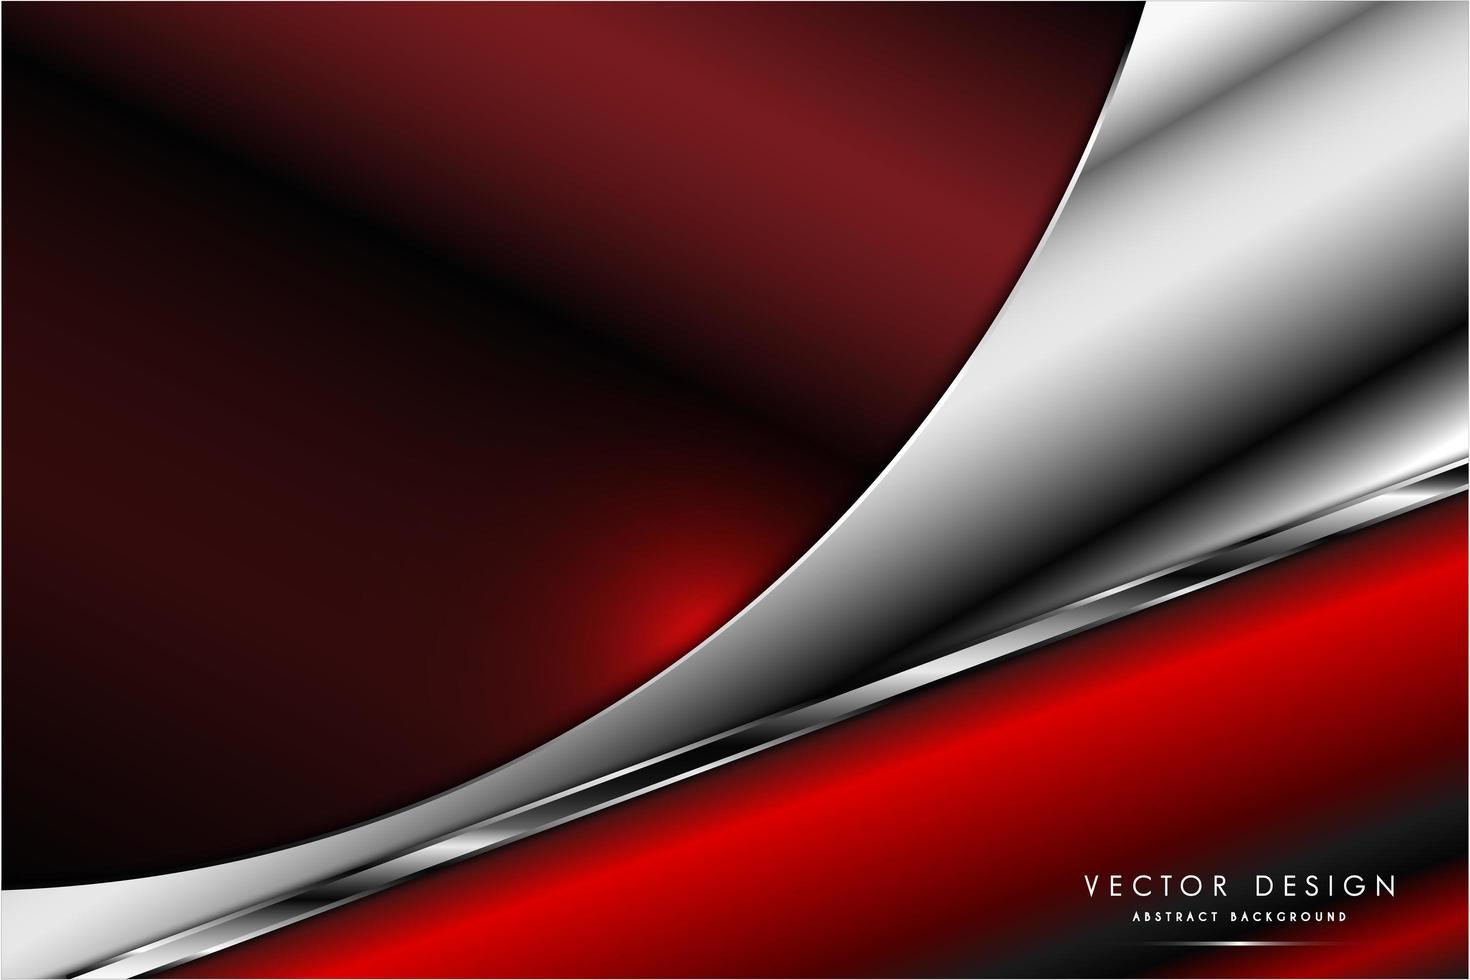 design curvo dinamico rosso metallizzato e argento vettore